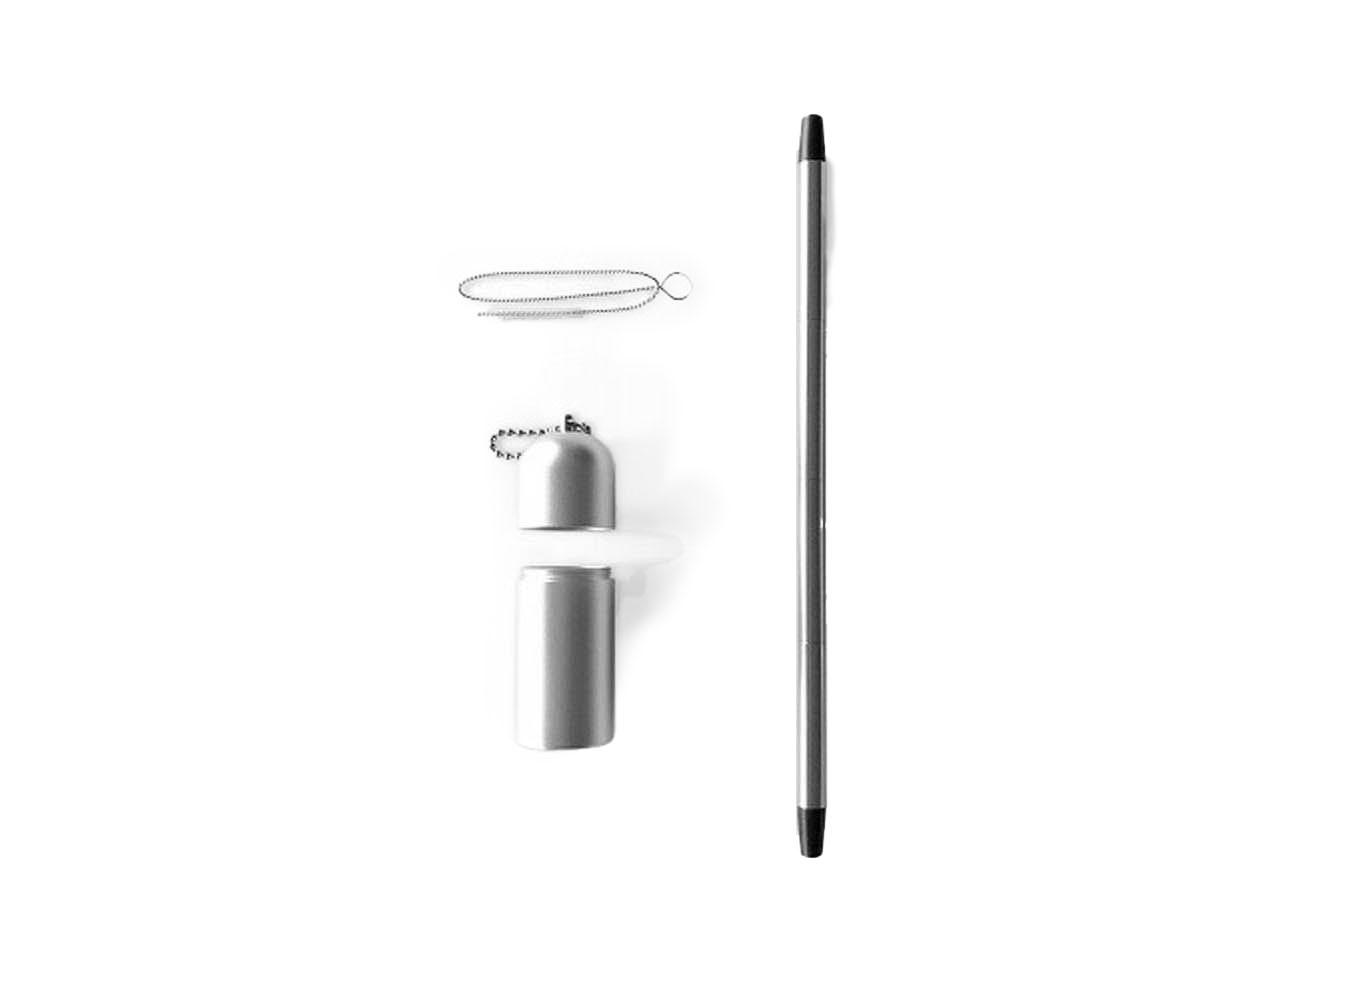 Custom Logo Reusable Foldup Stainless Steel Straw w/ Carry Case Brush